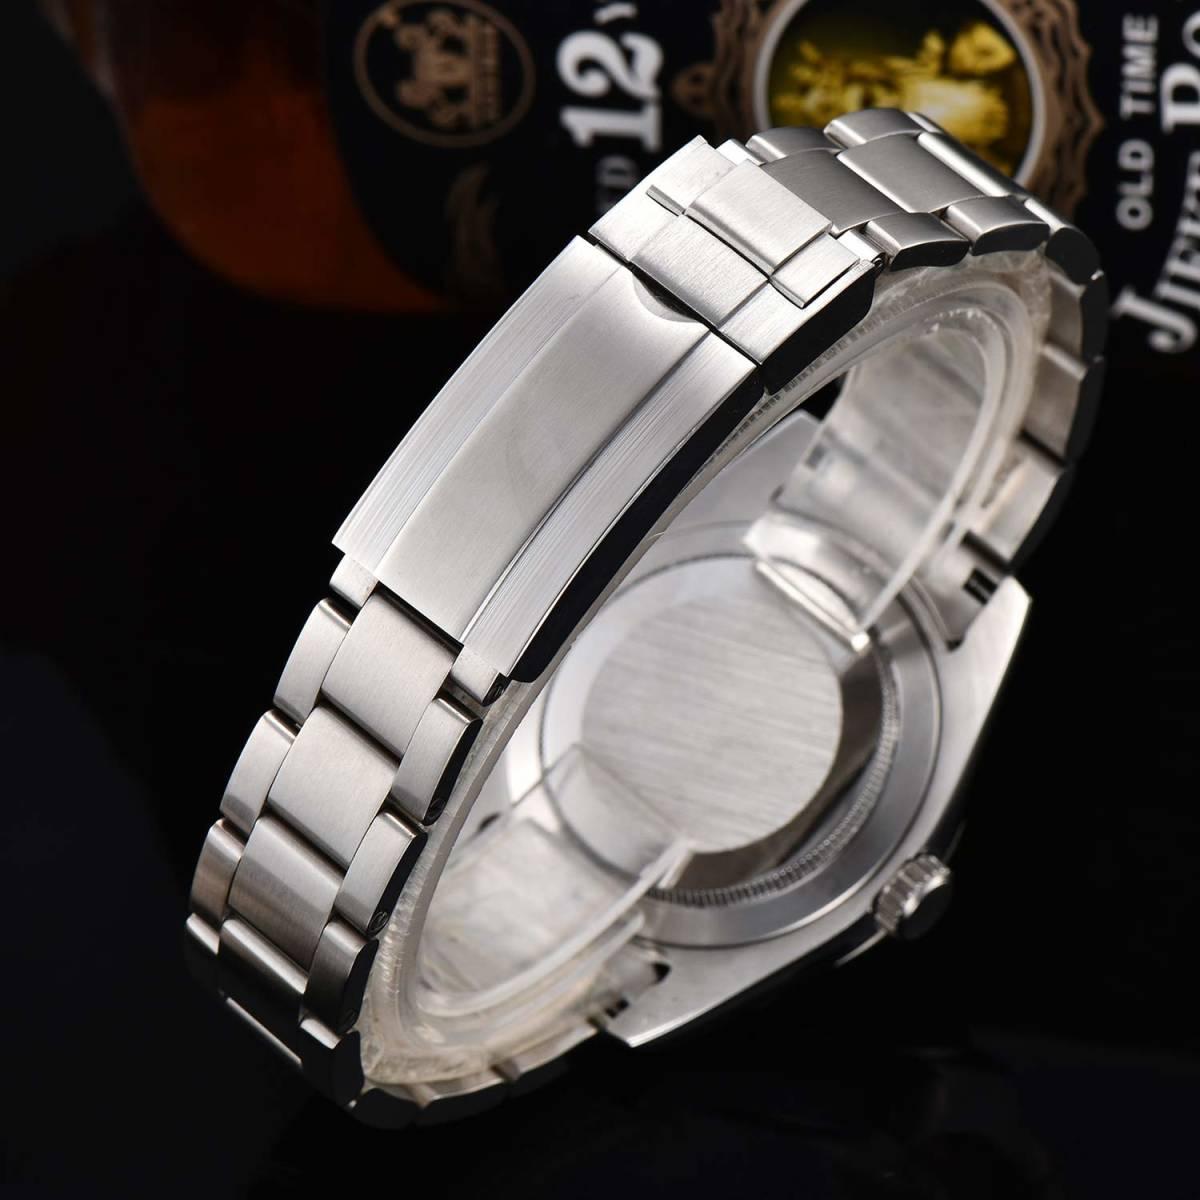 【希望小売価格:29,800円】日本製ムーブメント40mmメンズ自動巻き腕時計ミルガウス/スーツに似合う人気高級ブランド/防水/おすすめ_画像9